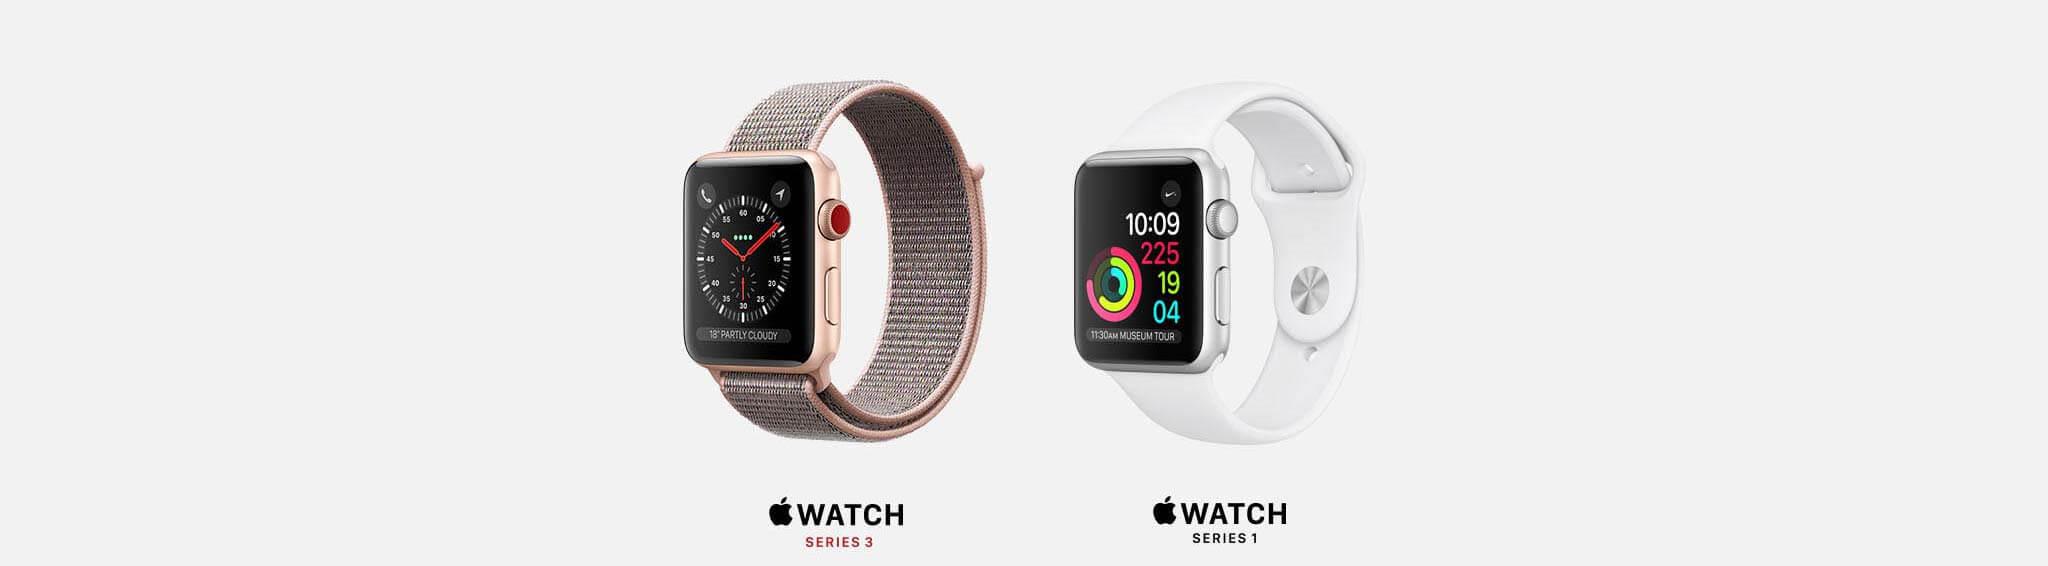 apple watch15